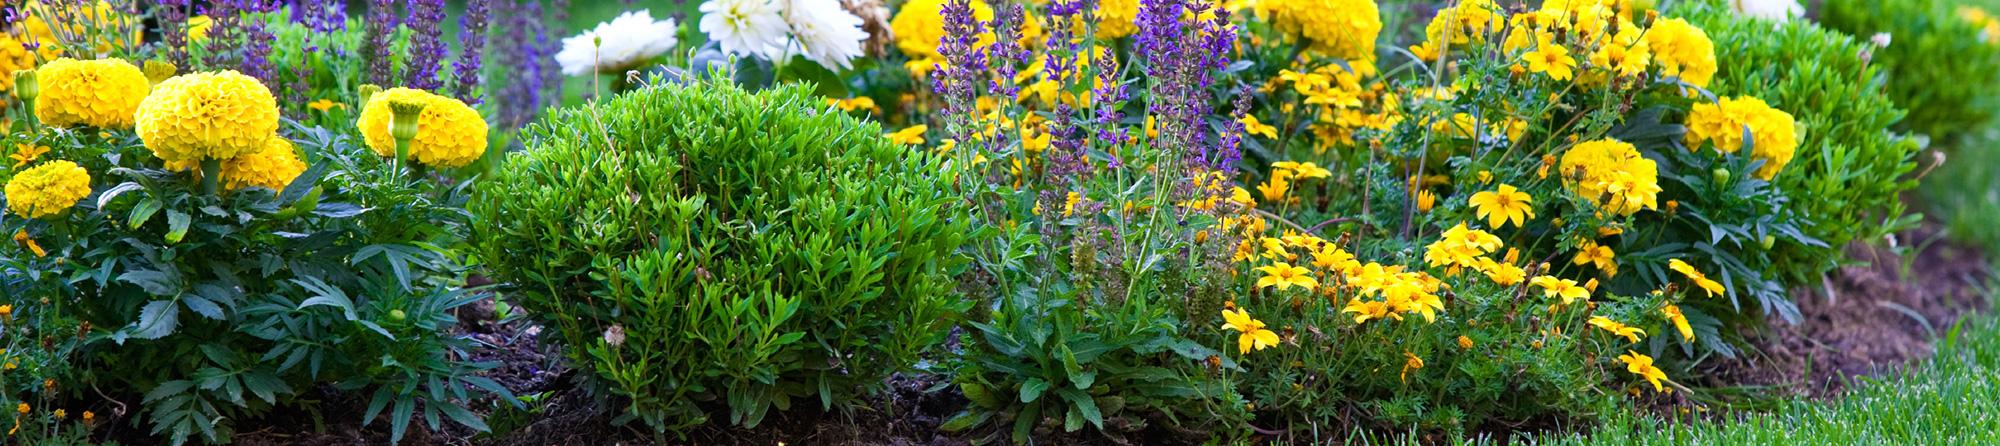 Где и как посадить лаванду на даче и дома семенами и в горшок? 68